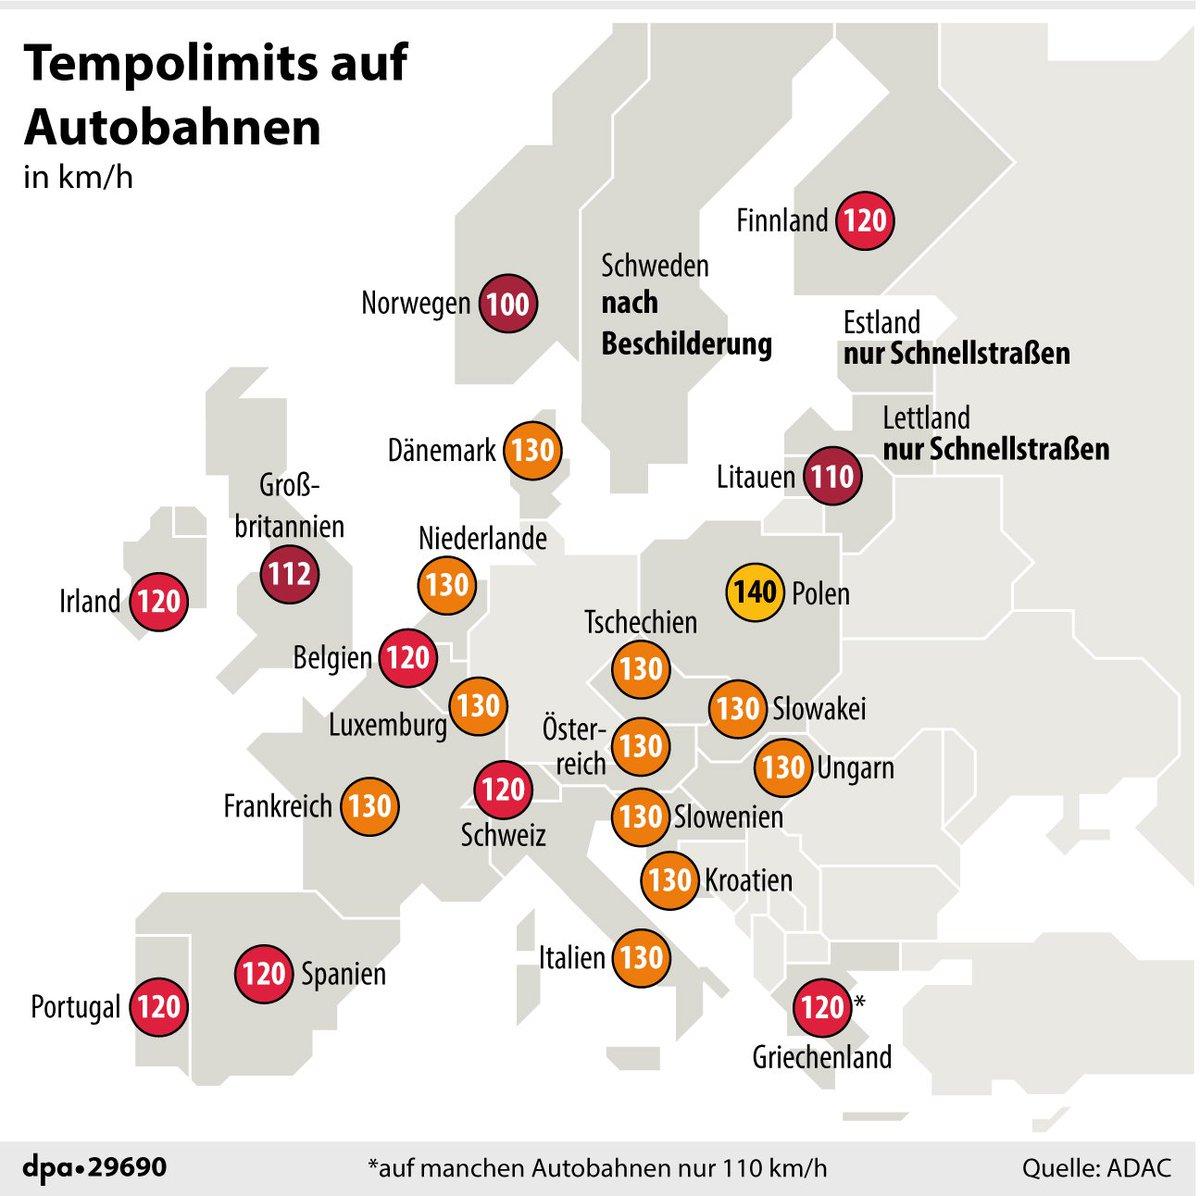 Kaum ein Thema ist bei Autofahrern in Deutschland so umstritten wie Tempolimits. Eine Karte von @dpa_infografik zeigt die Geschwindigkeitsbegrenzungen auf Autobahnen in anderen europäischen Ländern. (rad)